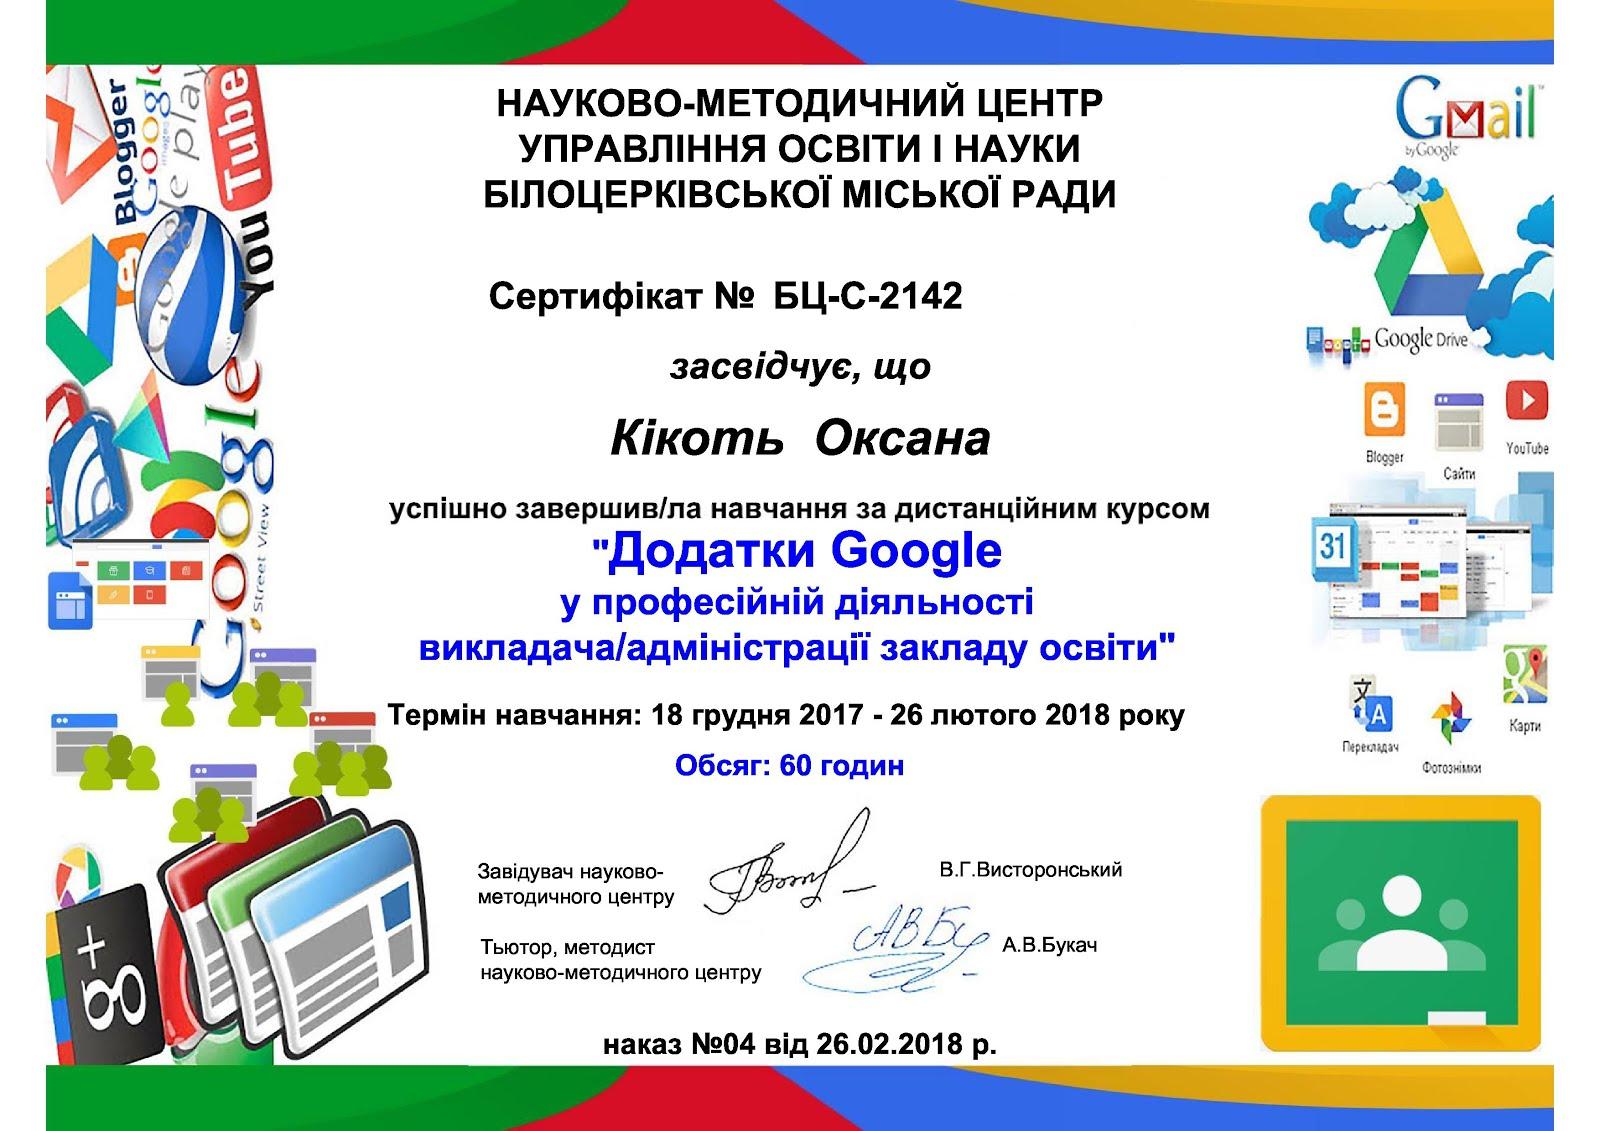 Додатки  Google у професійній діяльності  вчителя